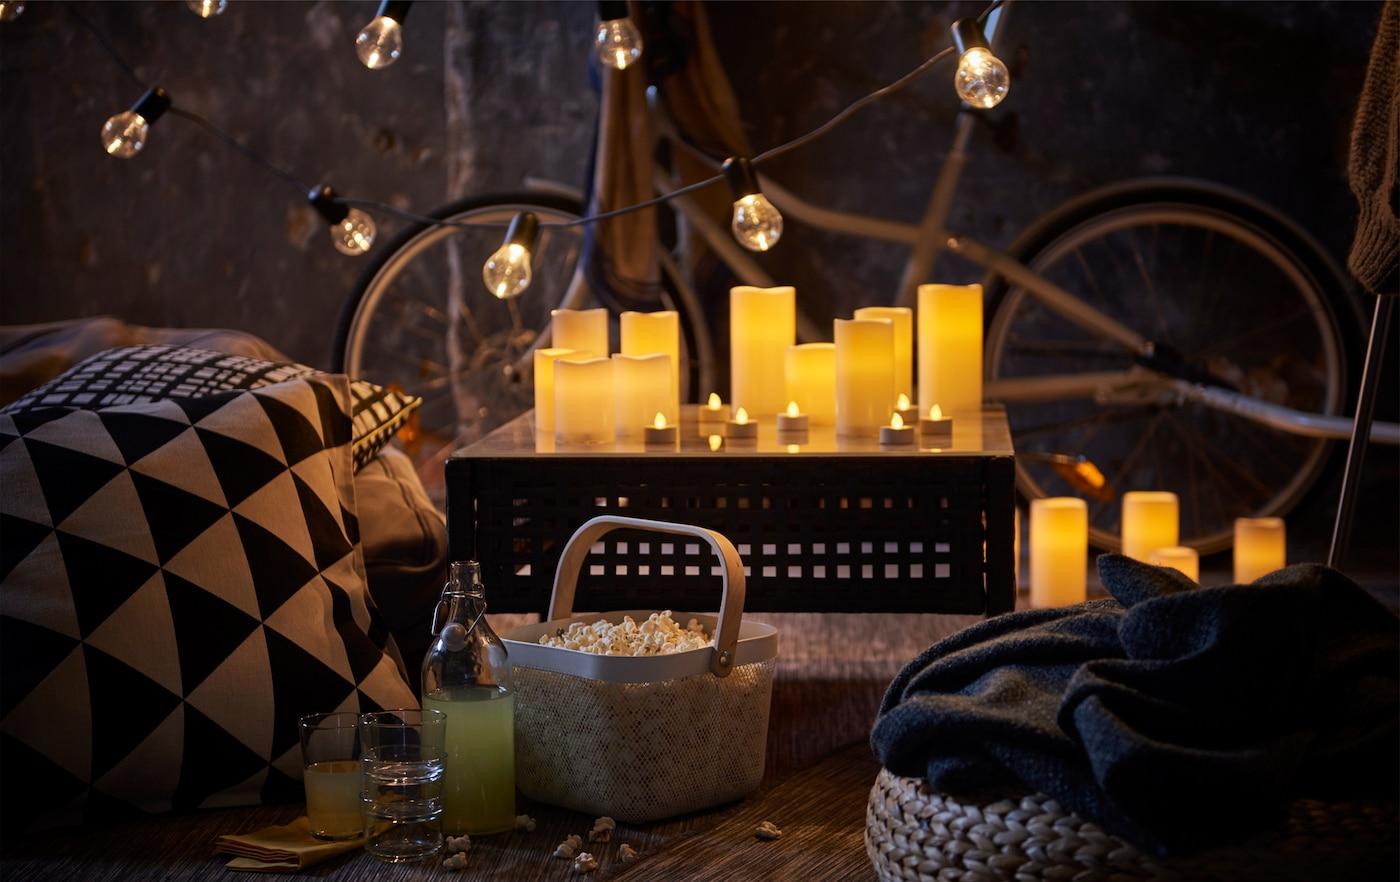 Erleuchtete Kerzen auf einem Tisch umgeben von gemusterten Kissen, Lichterketten, Essen und Trinken